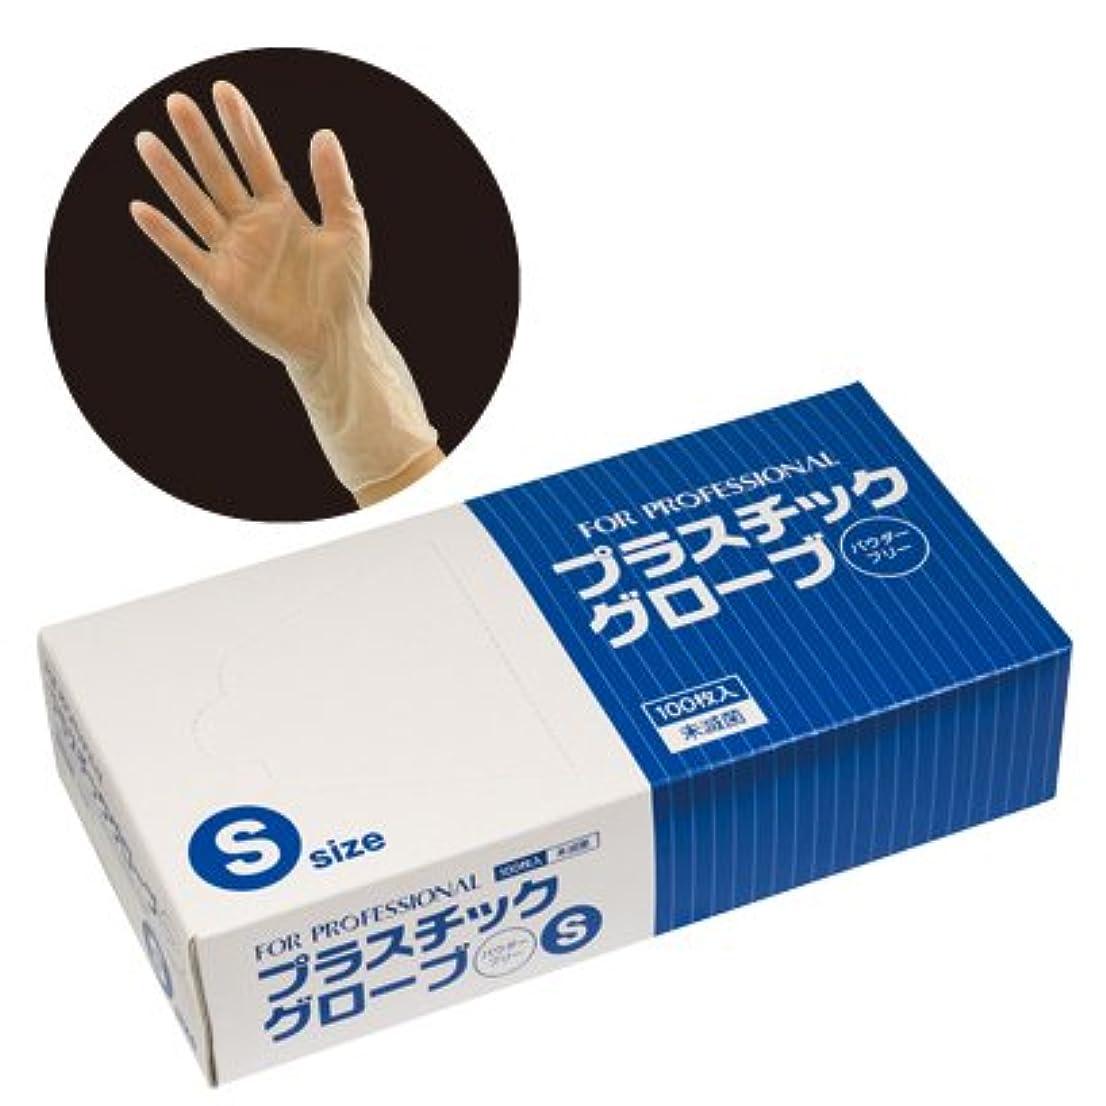 スラックリード評議会【業務用】 FEED(フィード) プラスチックグローブ(手袋) パウダーフリー/S カートン(100枚入×10ケース) (作業用) (378円/1個あたり)